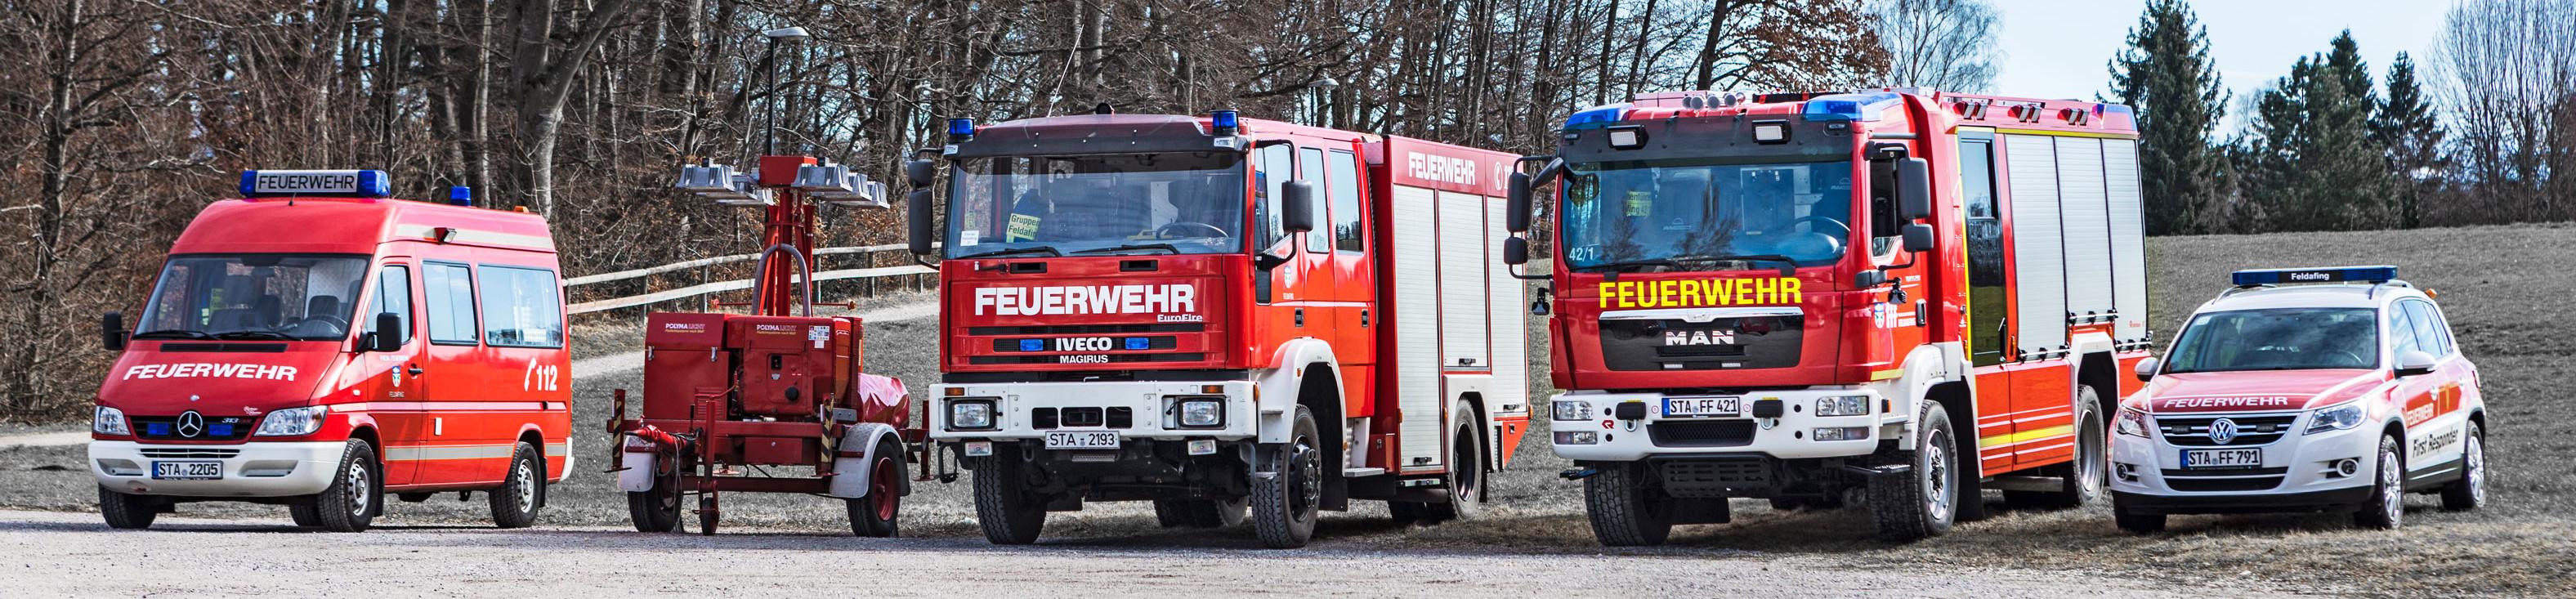 Alle Fahrzeuge der Feuerwehr Feldafing